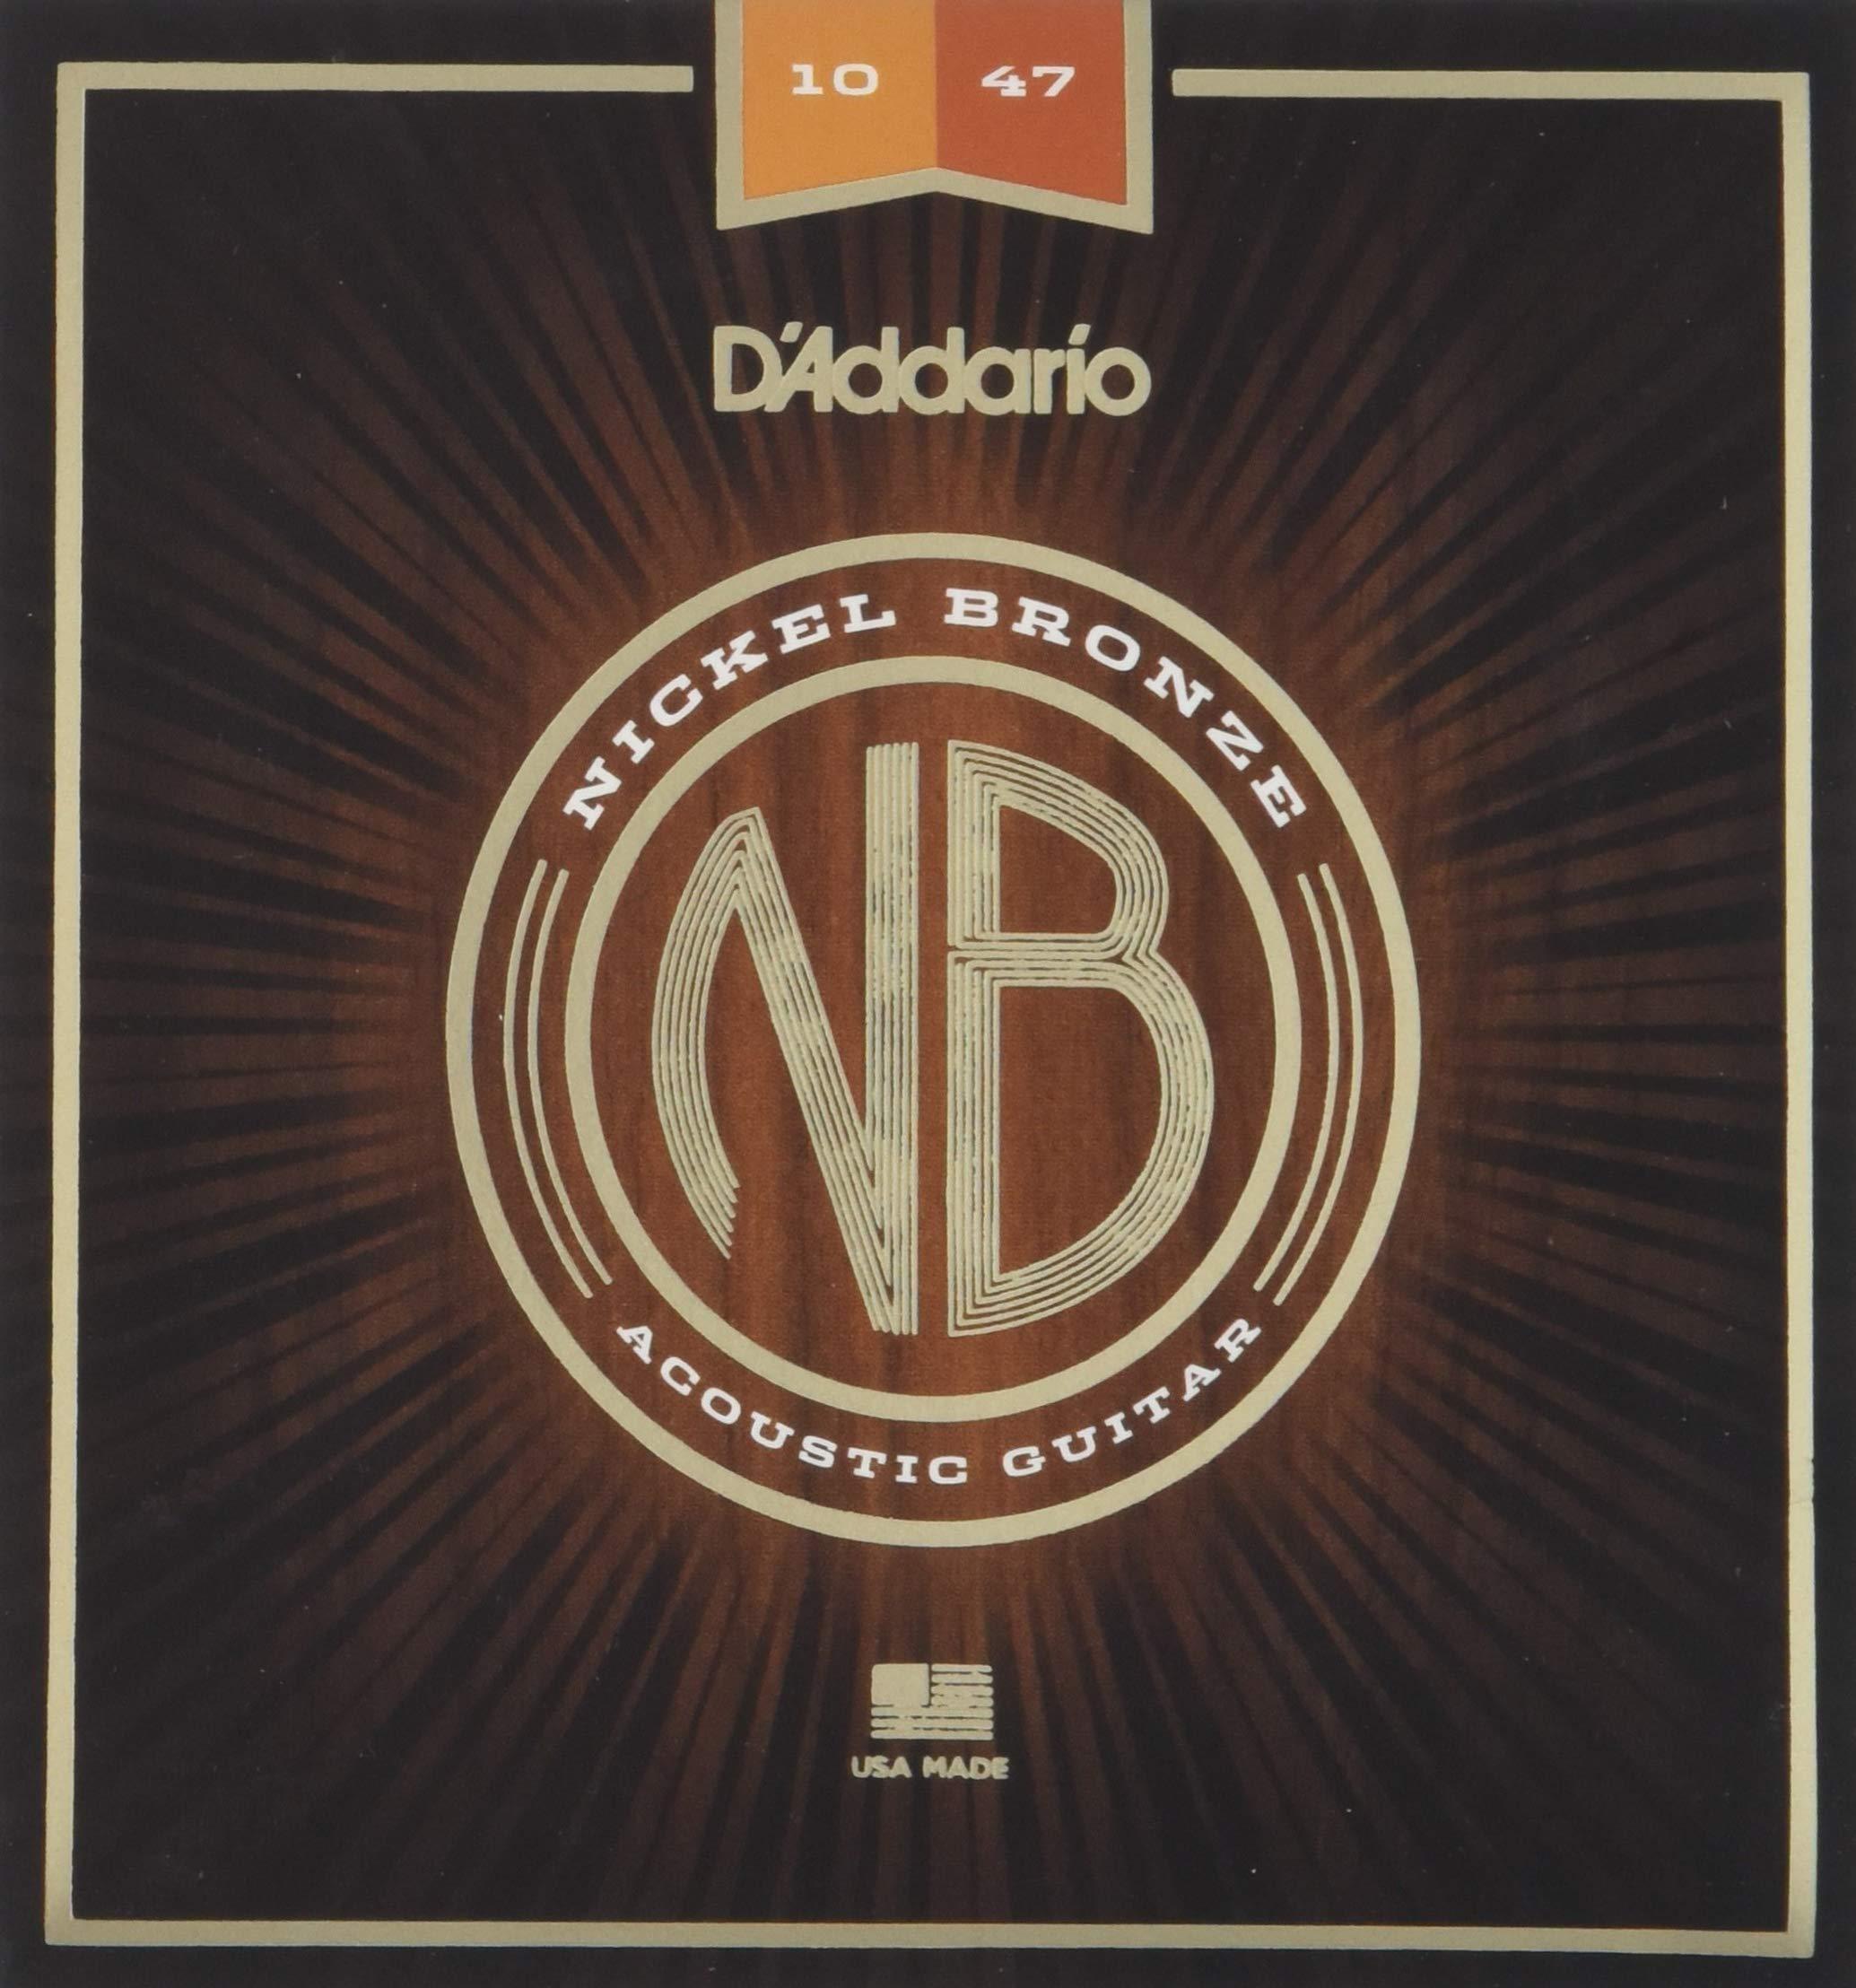 DAddario NB1047 - Juego de cuerdas acústicas product image